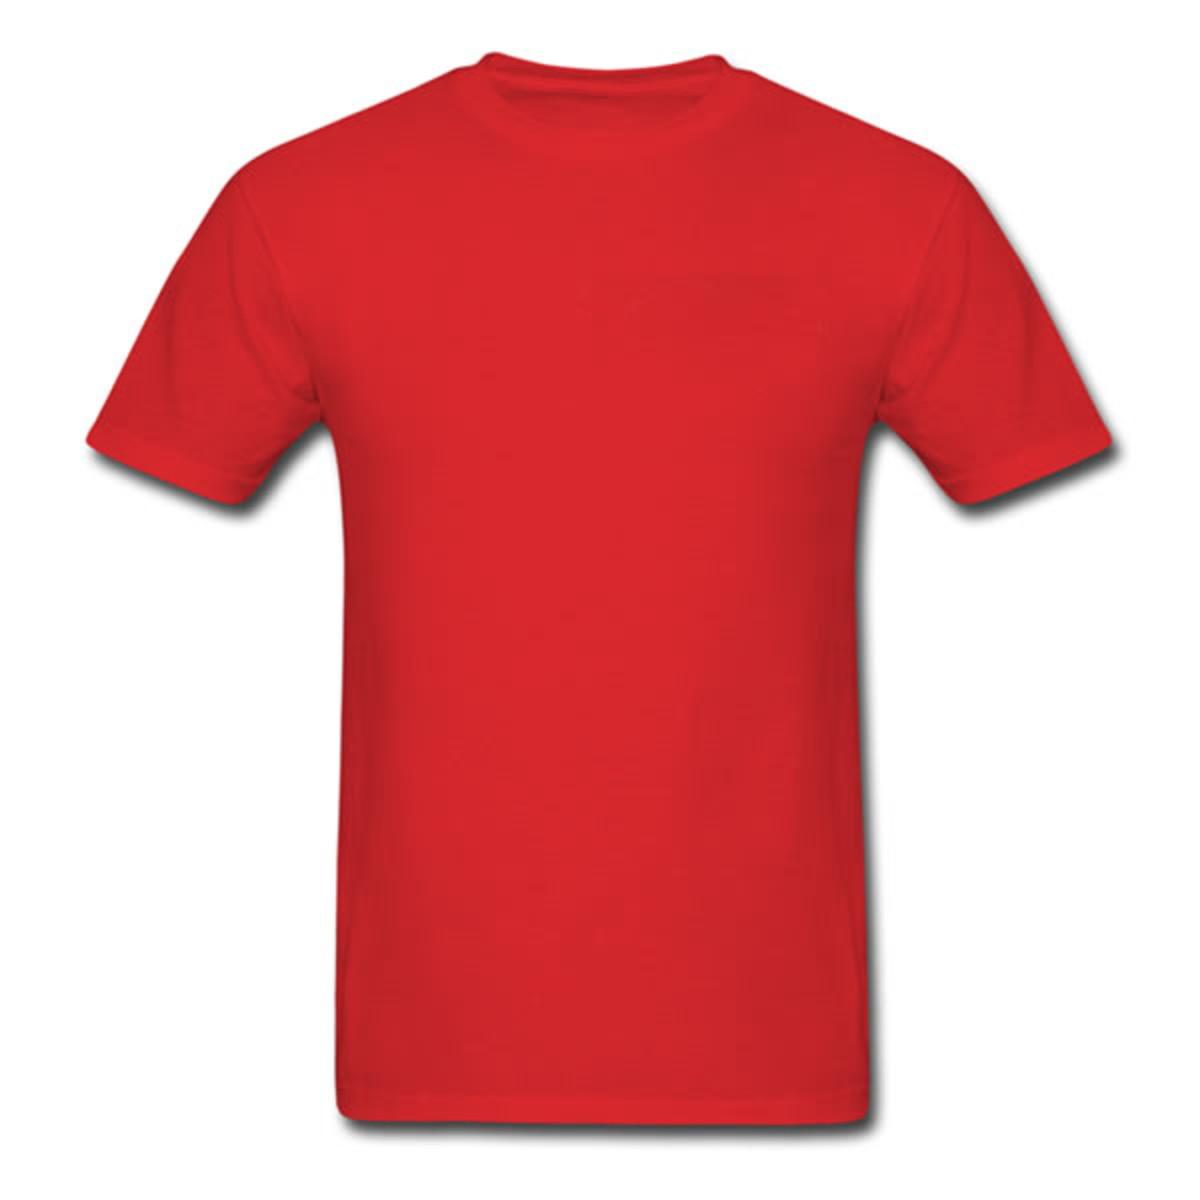 c9b7e76adff32 Camiseta lisa 100% algodão 30.1 - Vermelha no Elo7